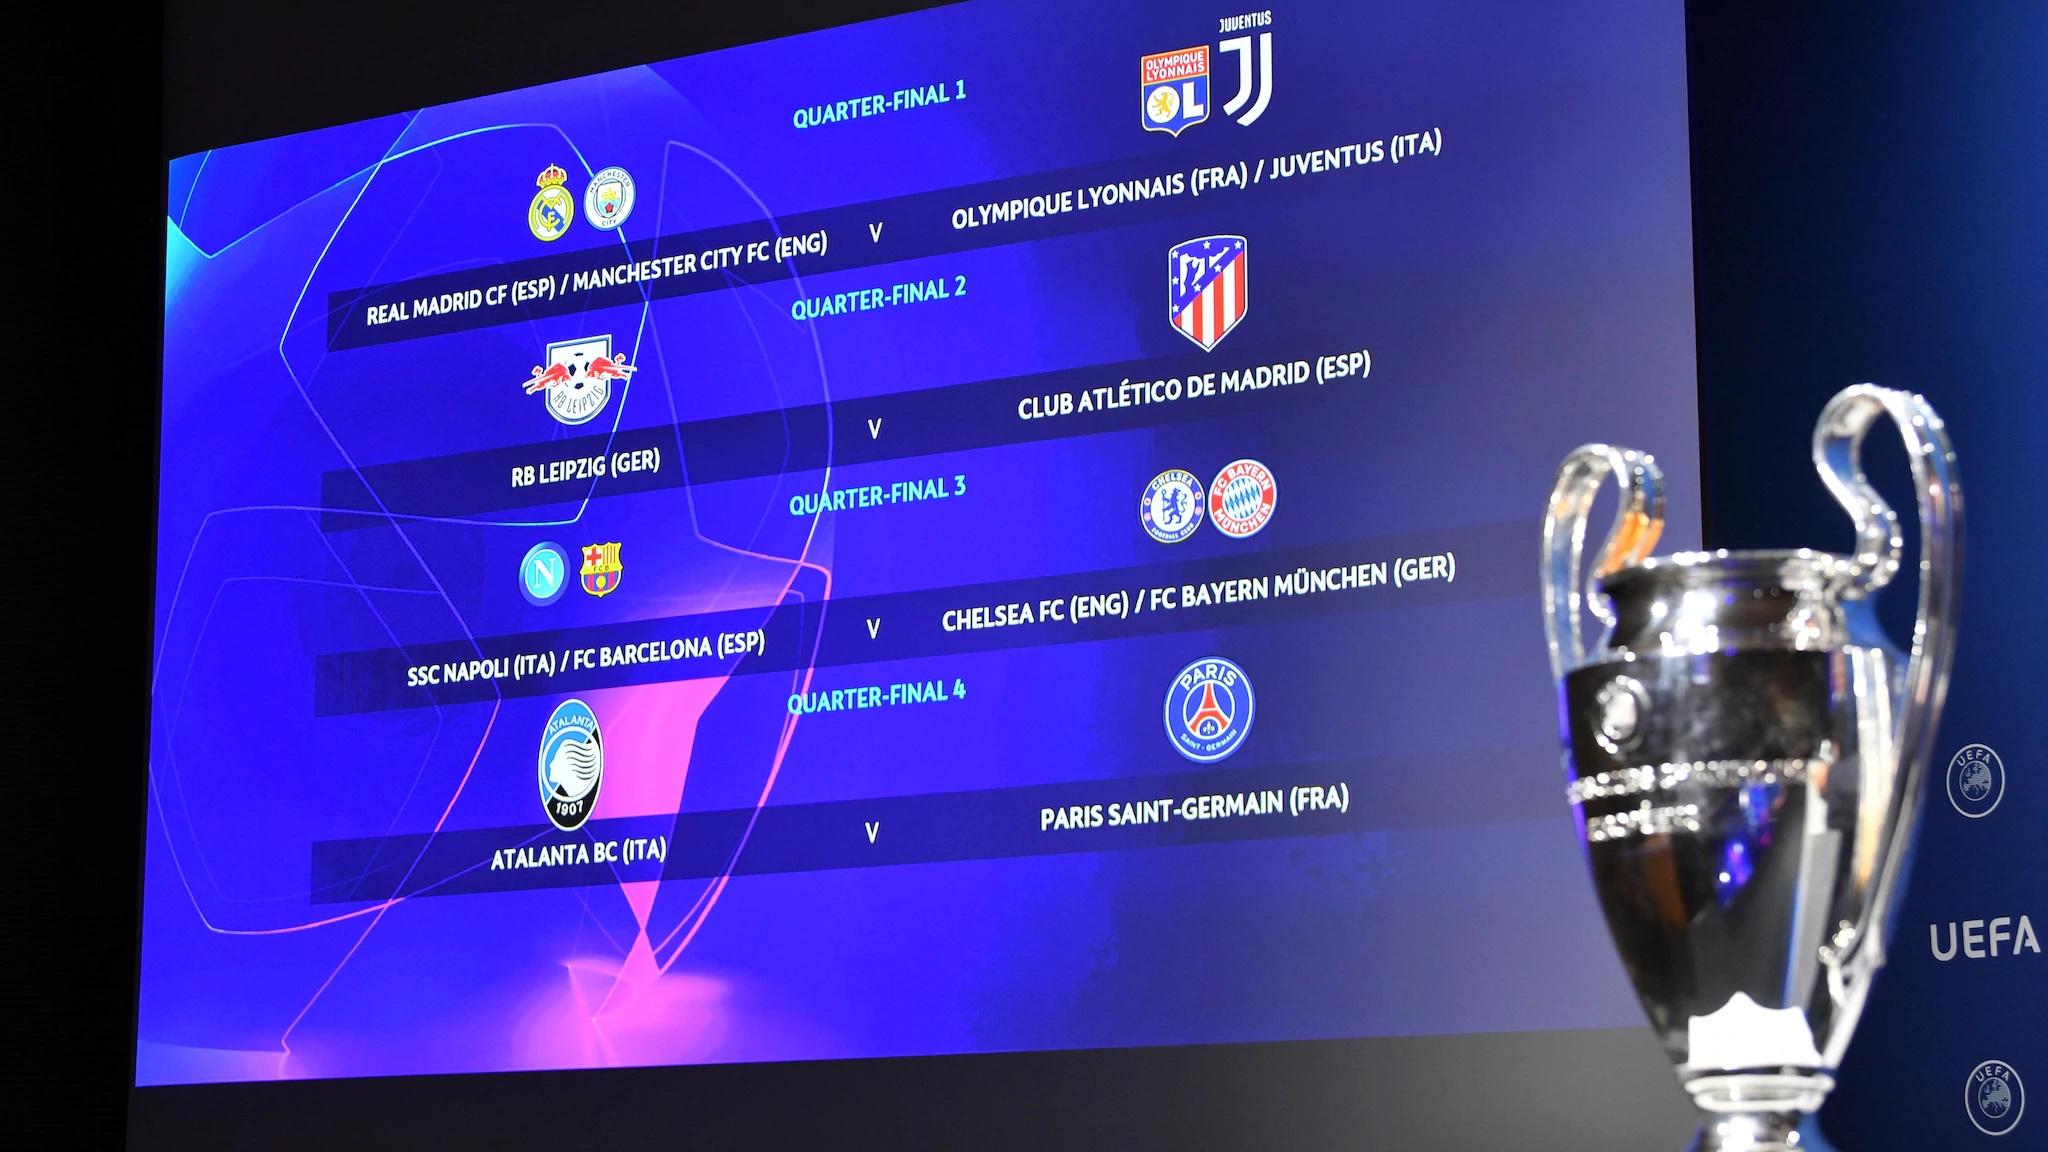 Sorteados los cuartos de final y las semifinales de la Champions League.